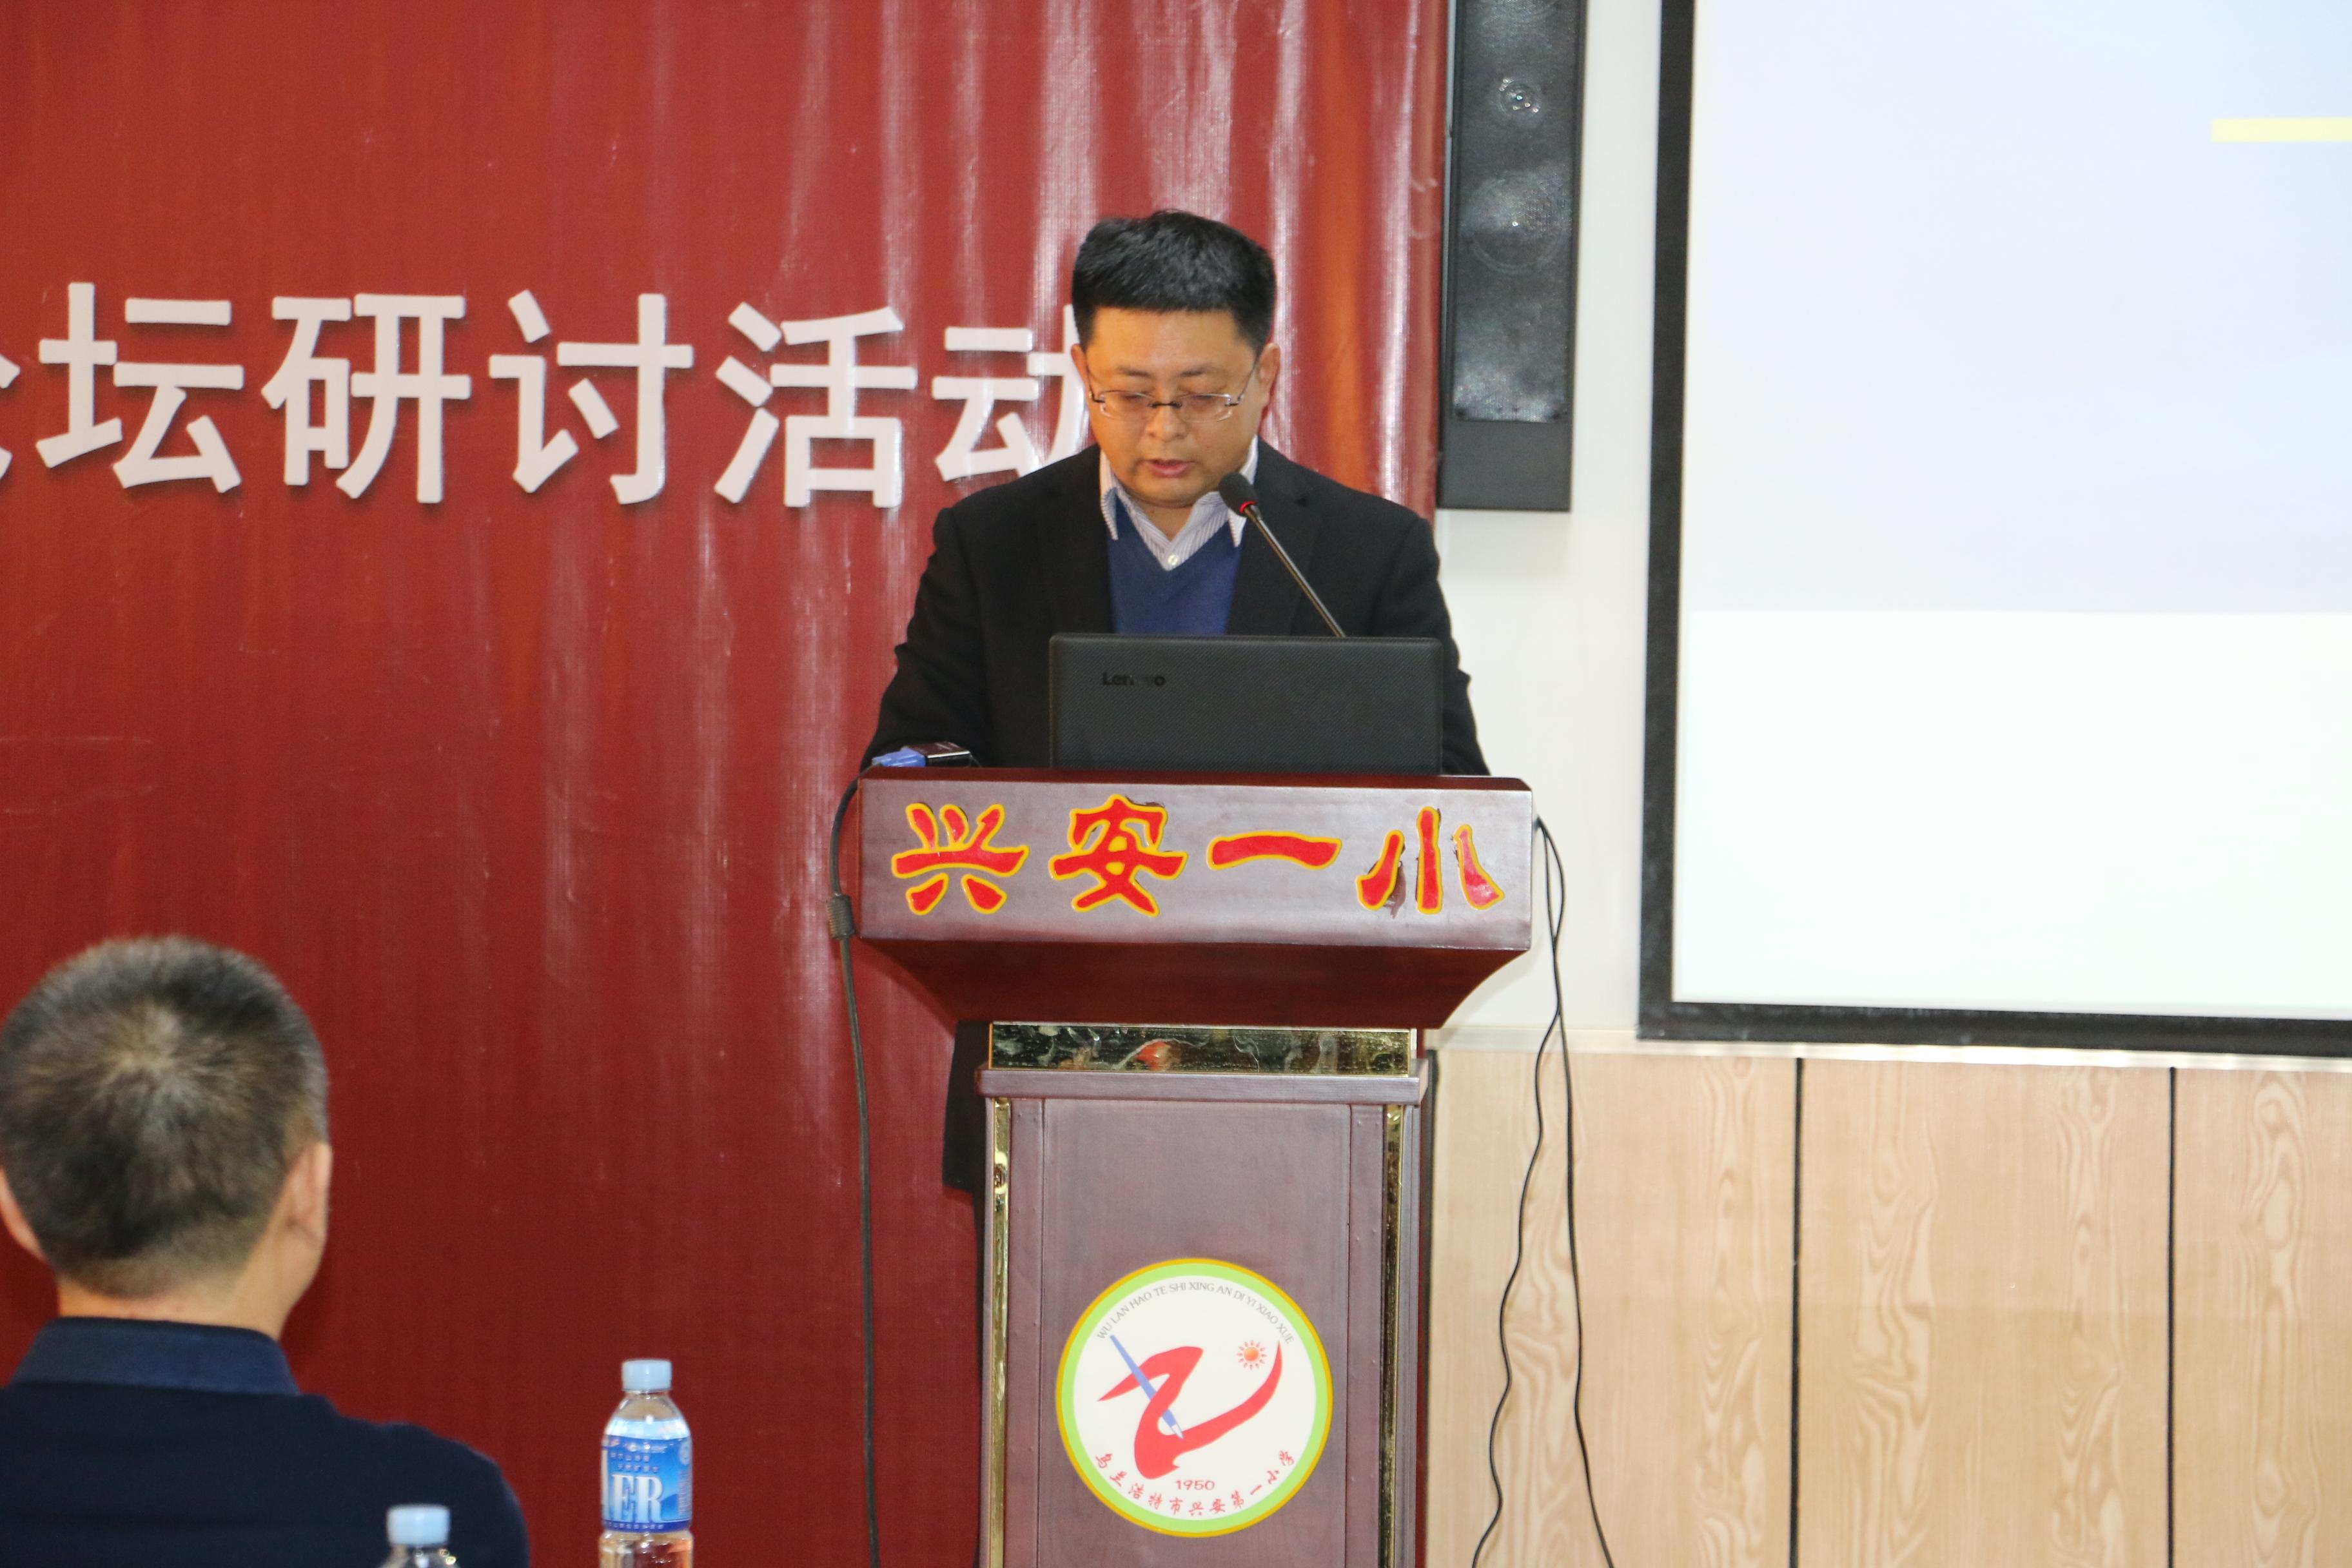 东成人教育先��cey/c_乌兰浩特市教育局副局长张立平致欢迎辞